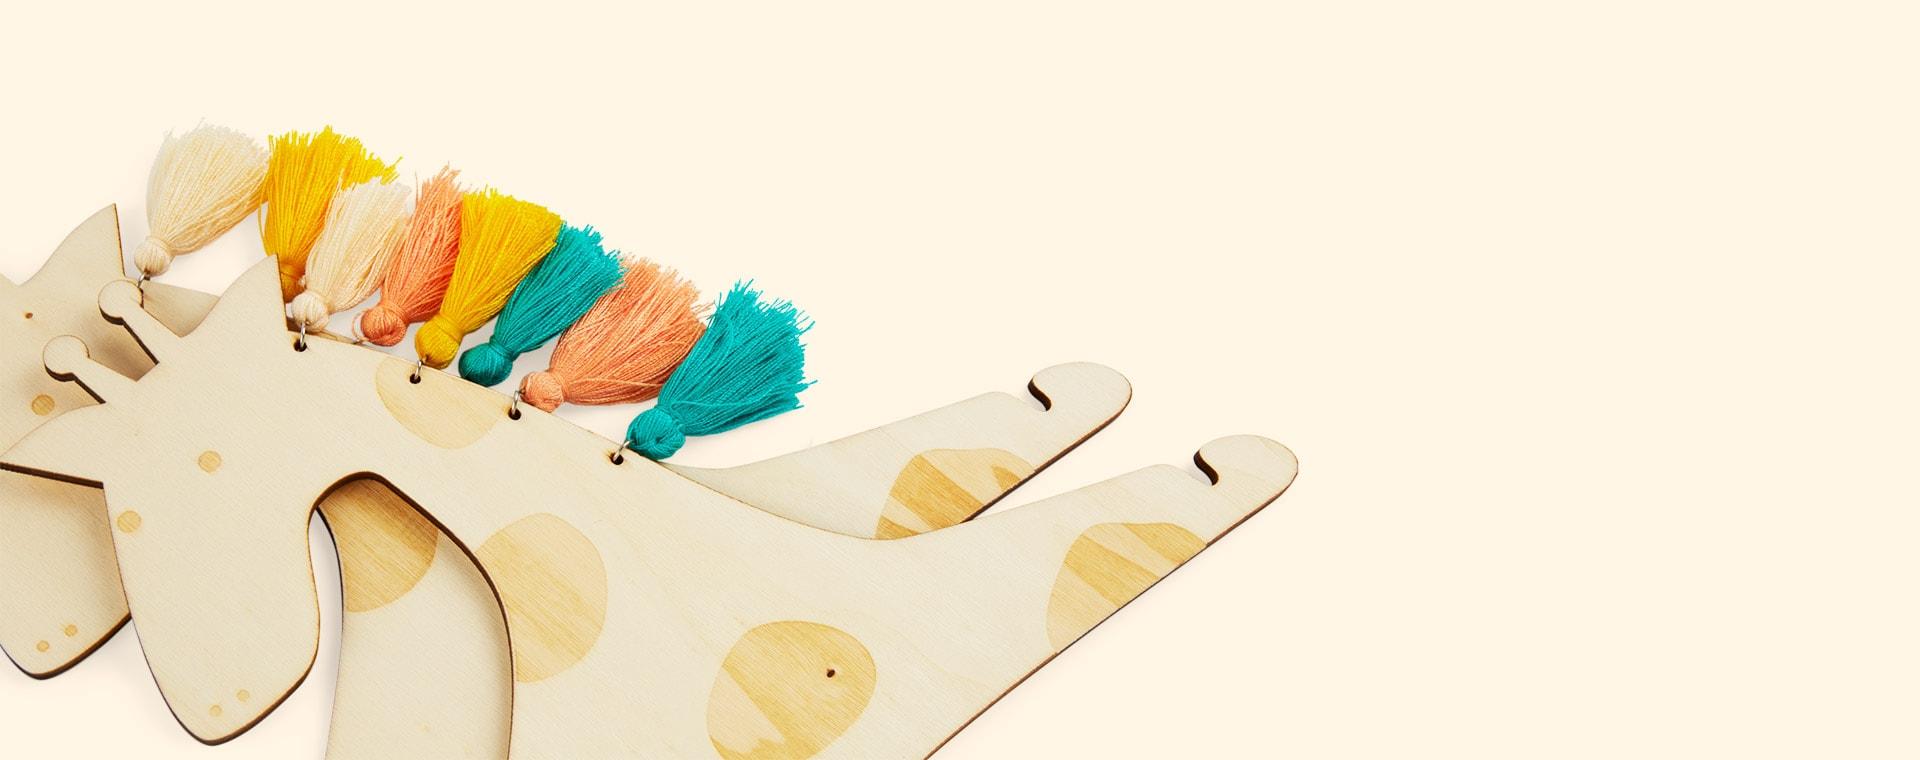 Giraffe Meri Meri Wooden Hangers - 2 Pack